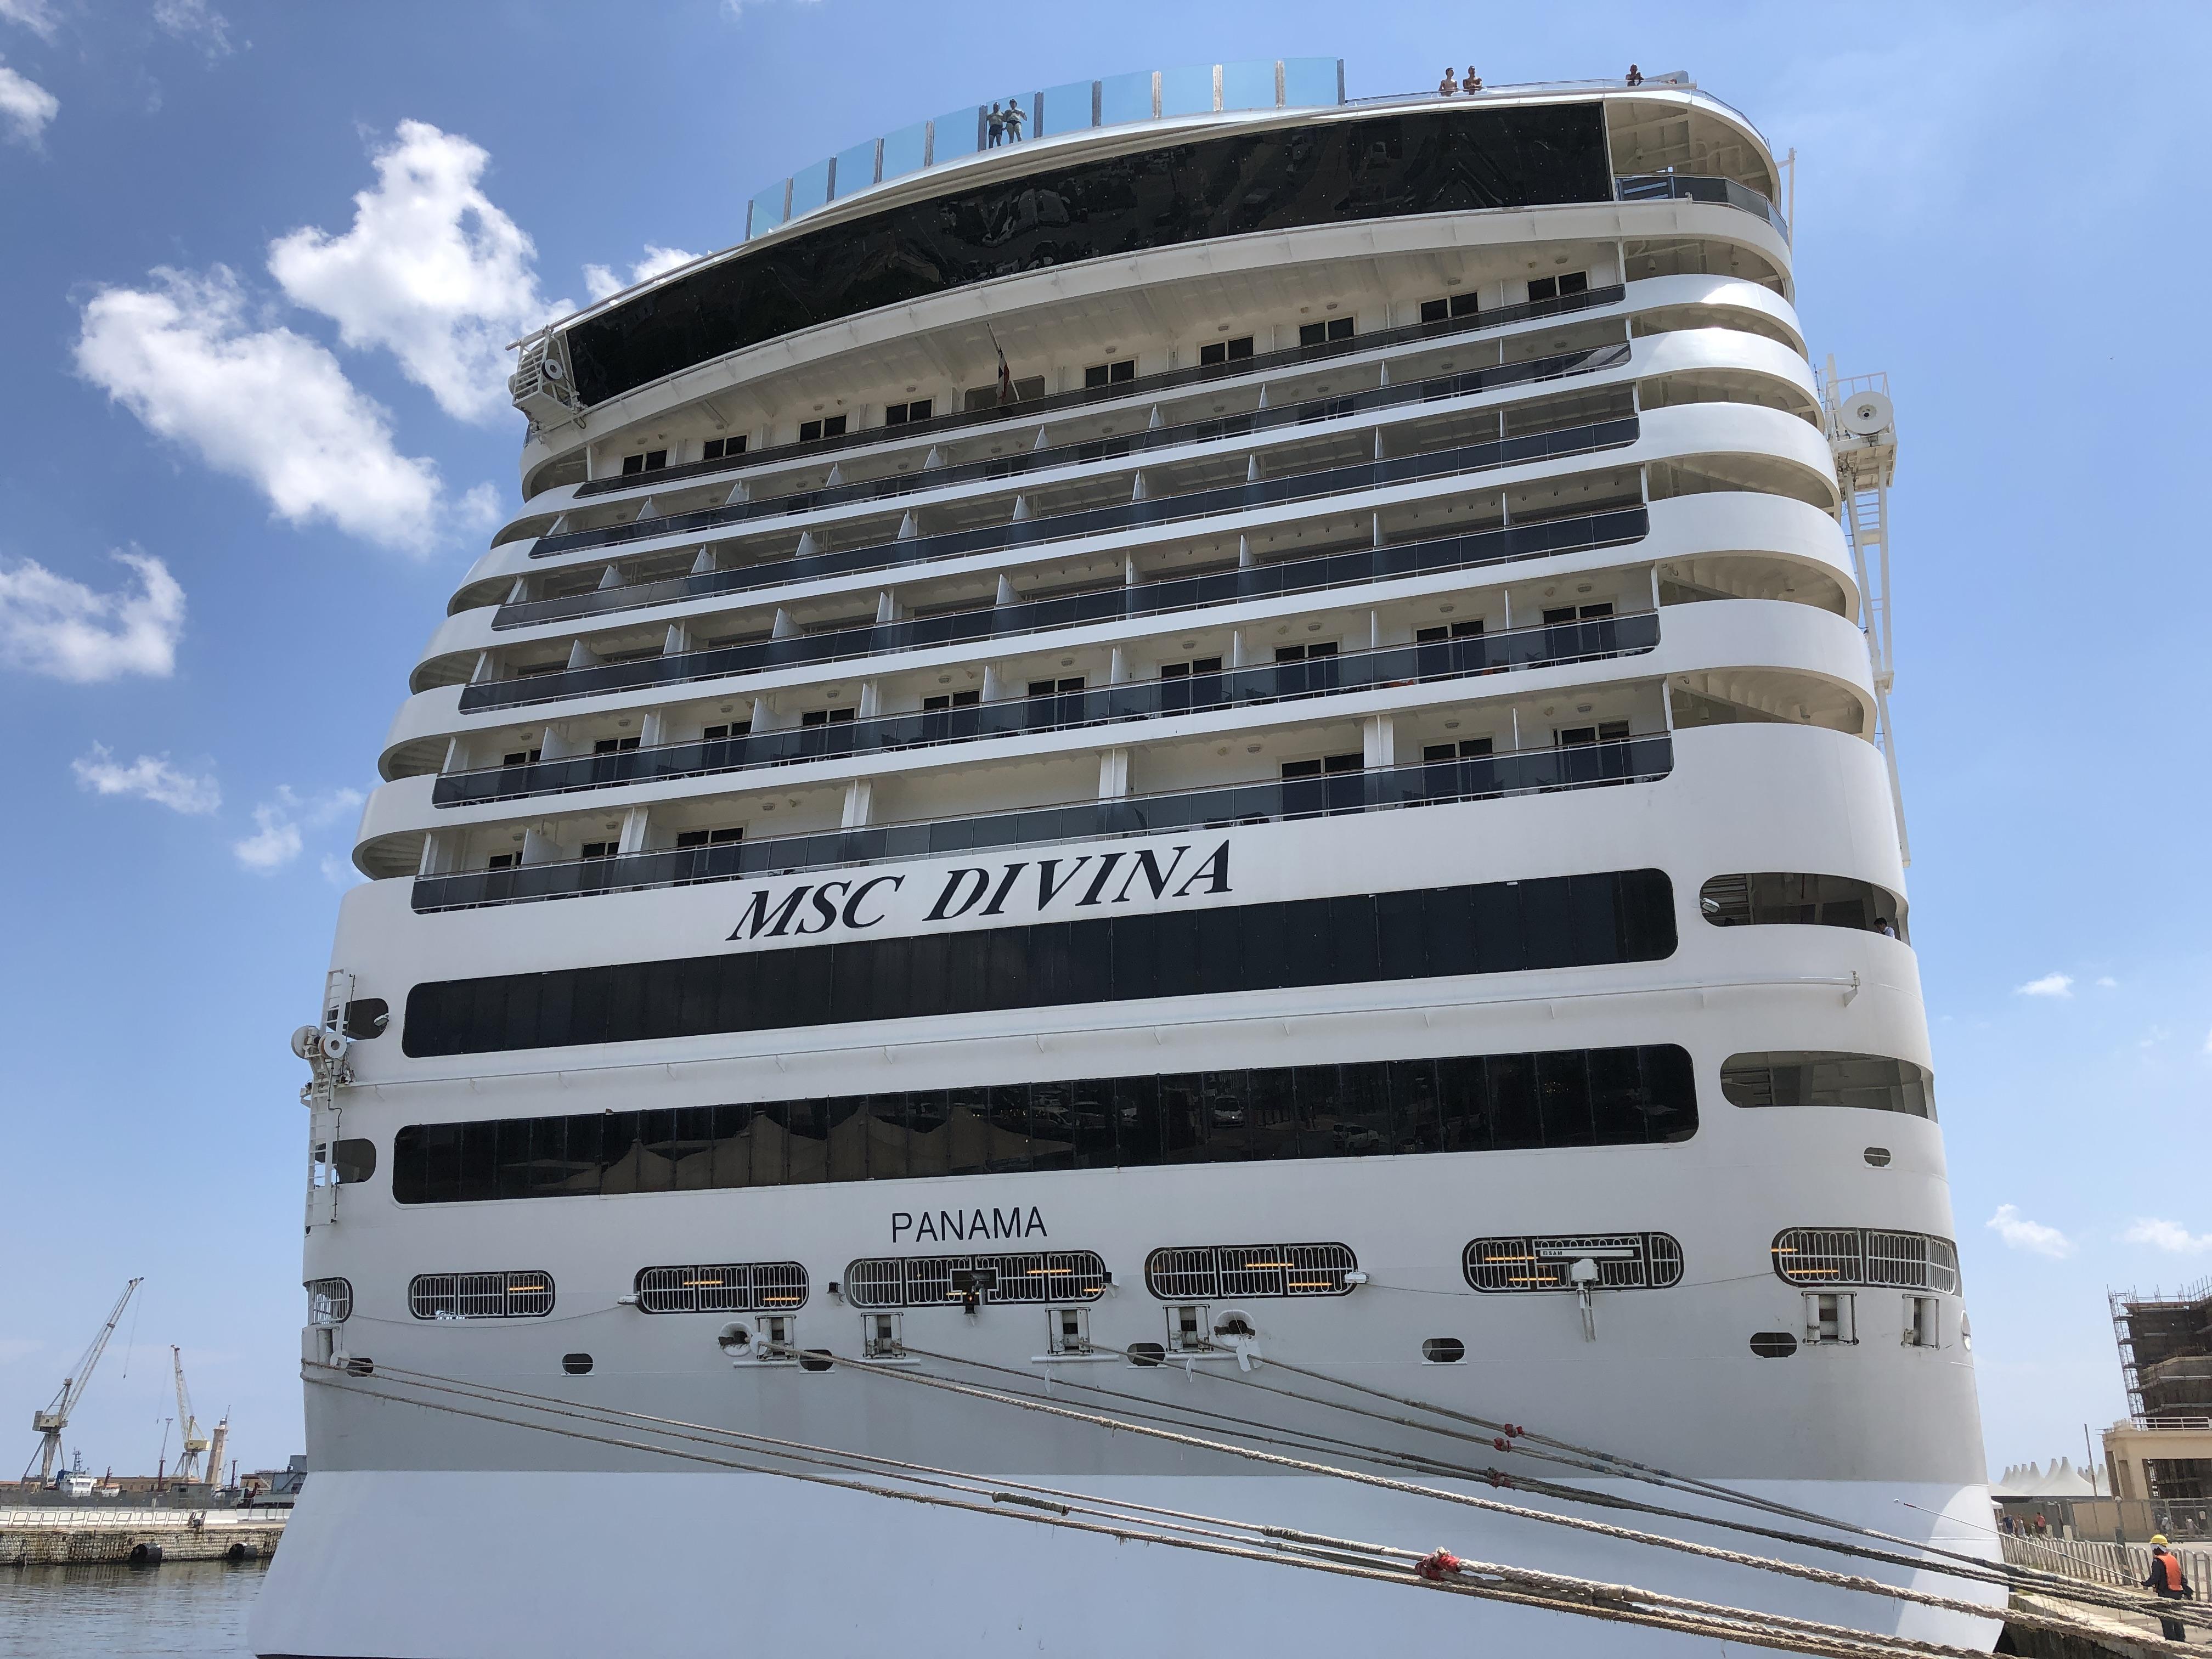 Review – Balkonkabine auf der MSC Divina